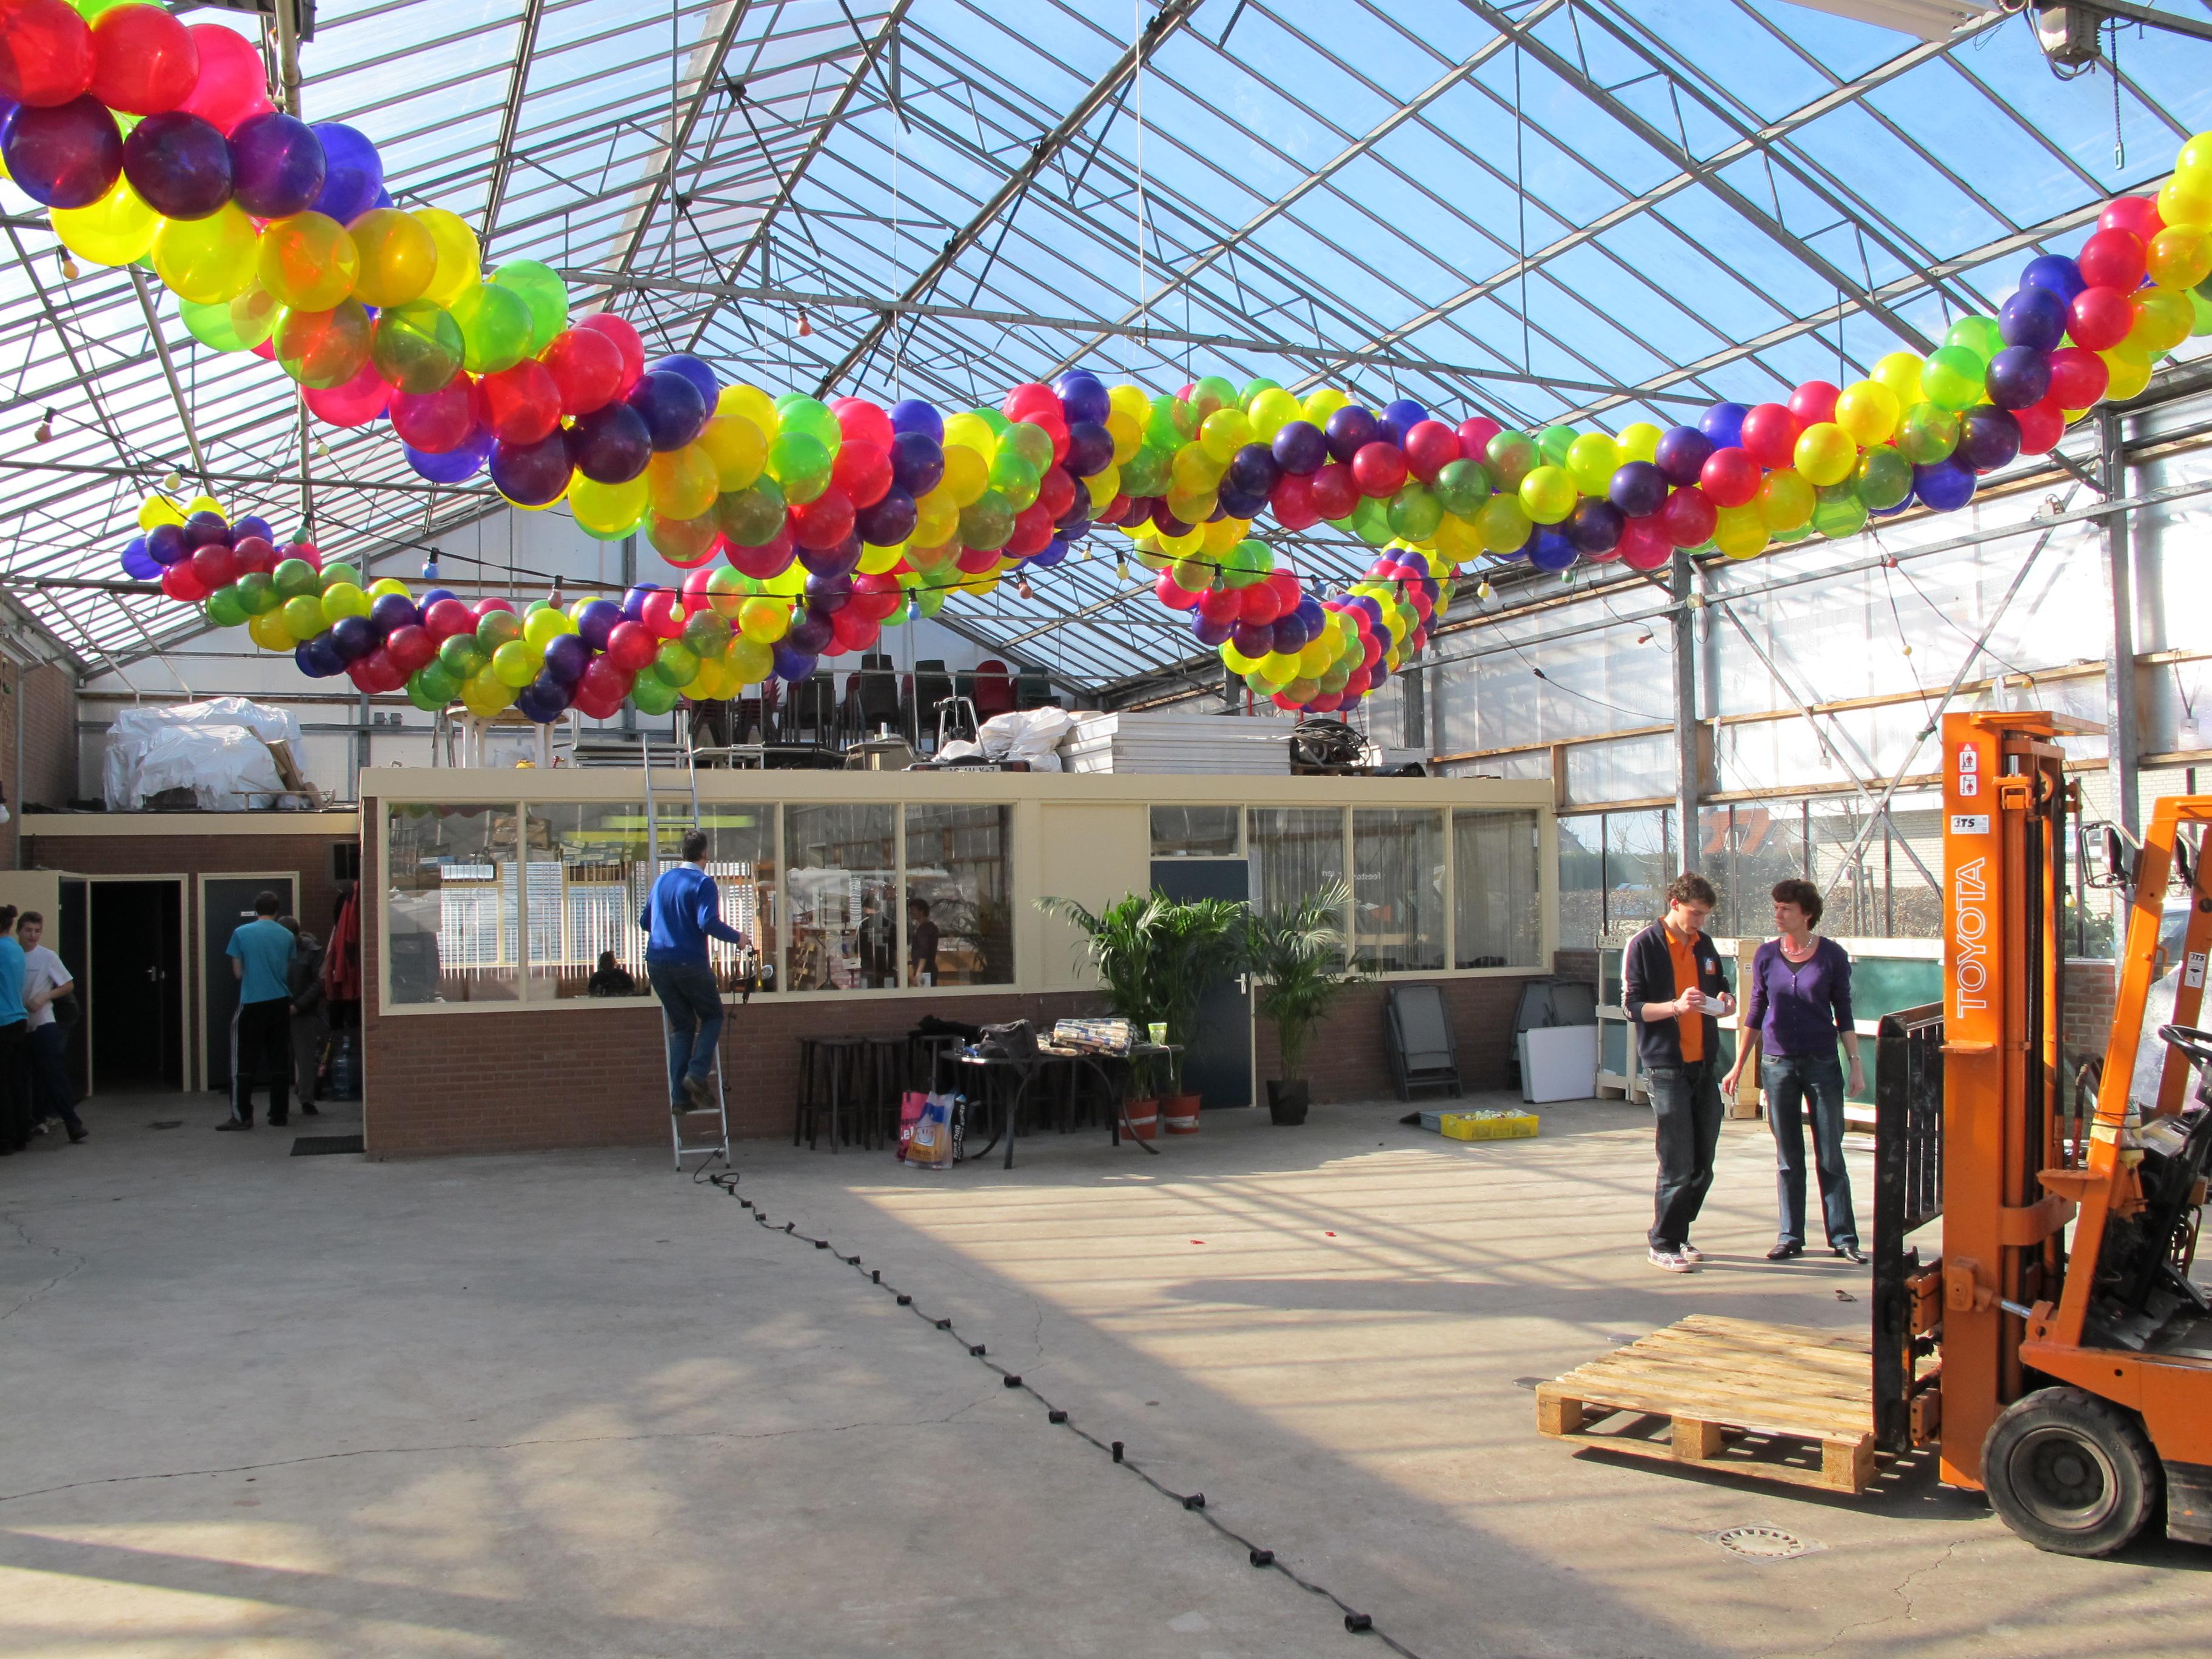 Ballonnendecoratie - Ballonnenstreng/ballonnenslinger gemaakt van 11 inch ballonnen